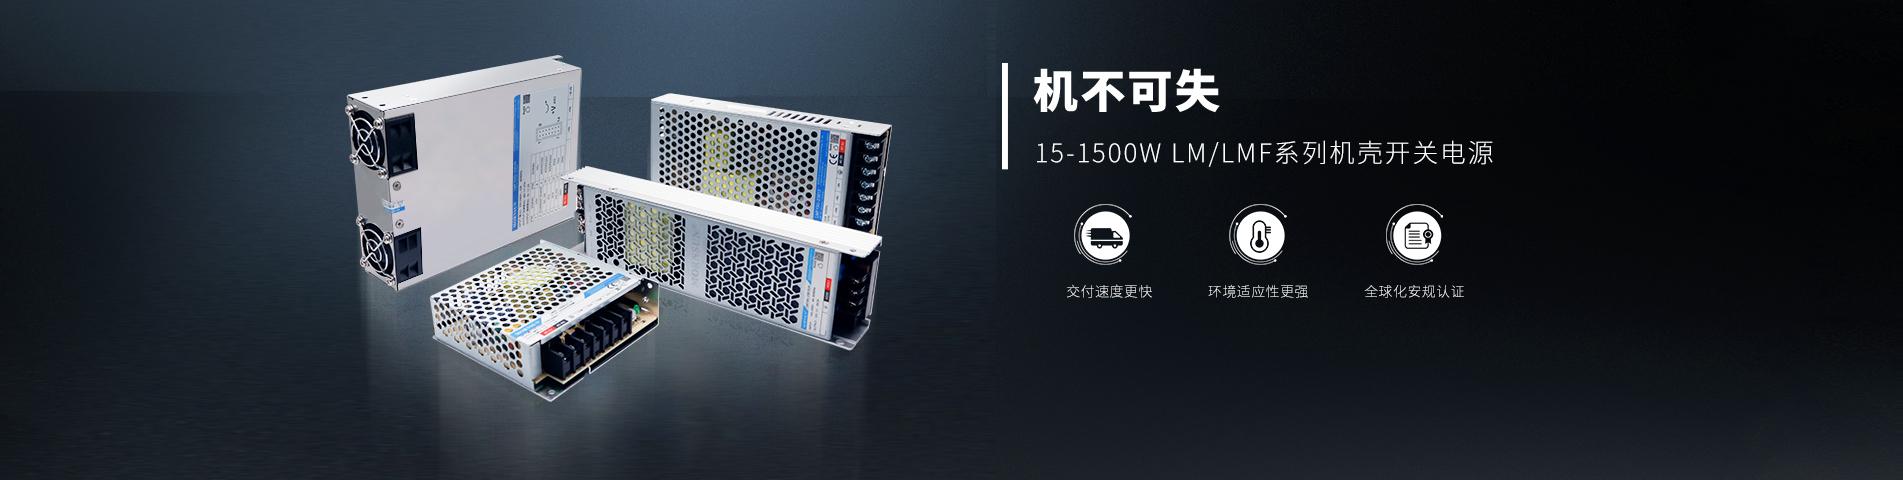 机不可失*15-1000W--LM/LMF系列机壳开关电源